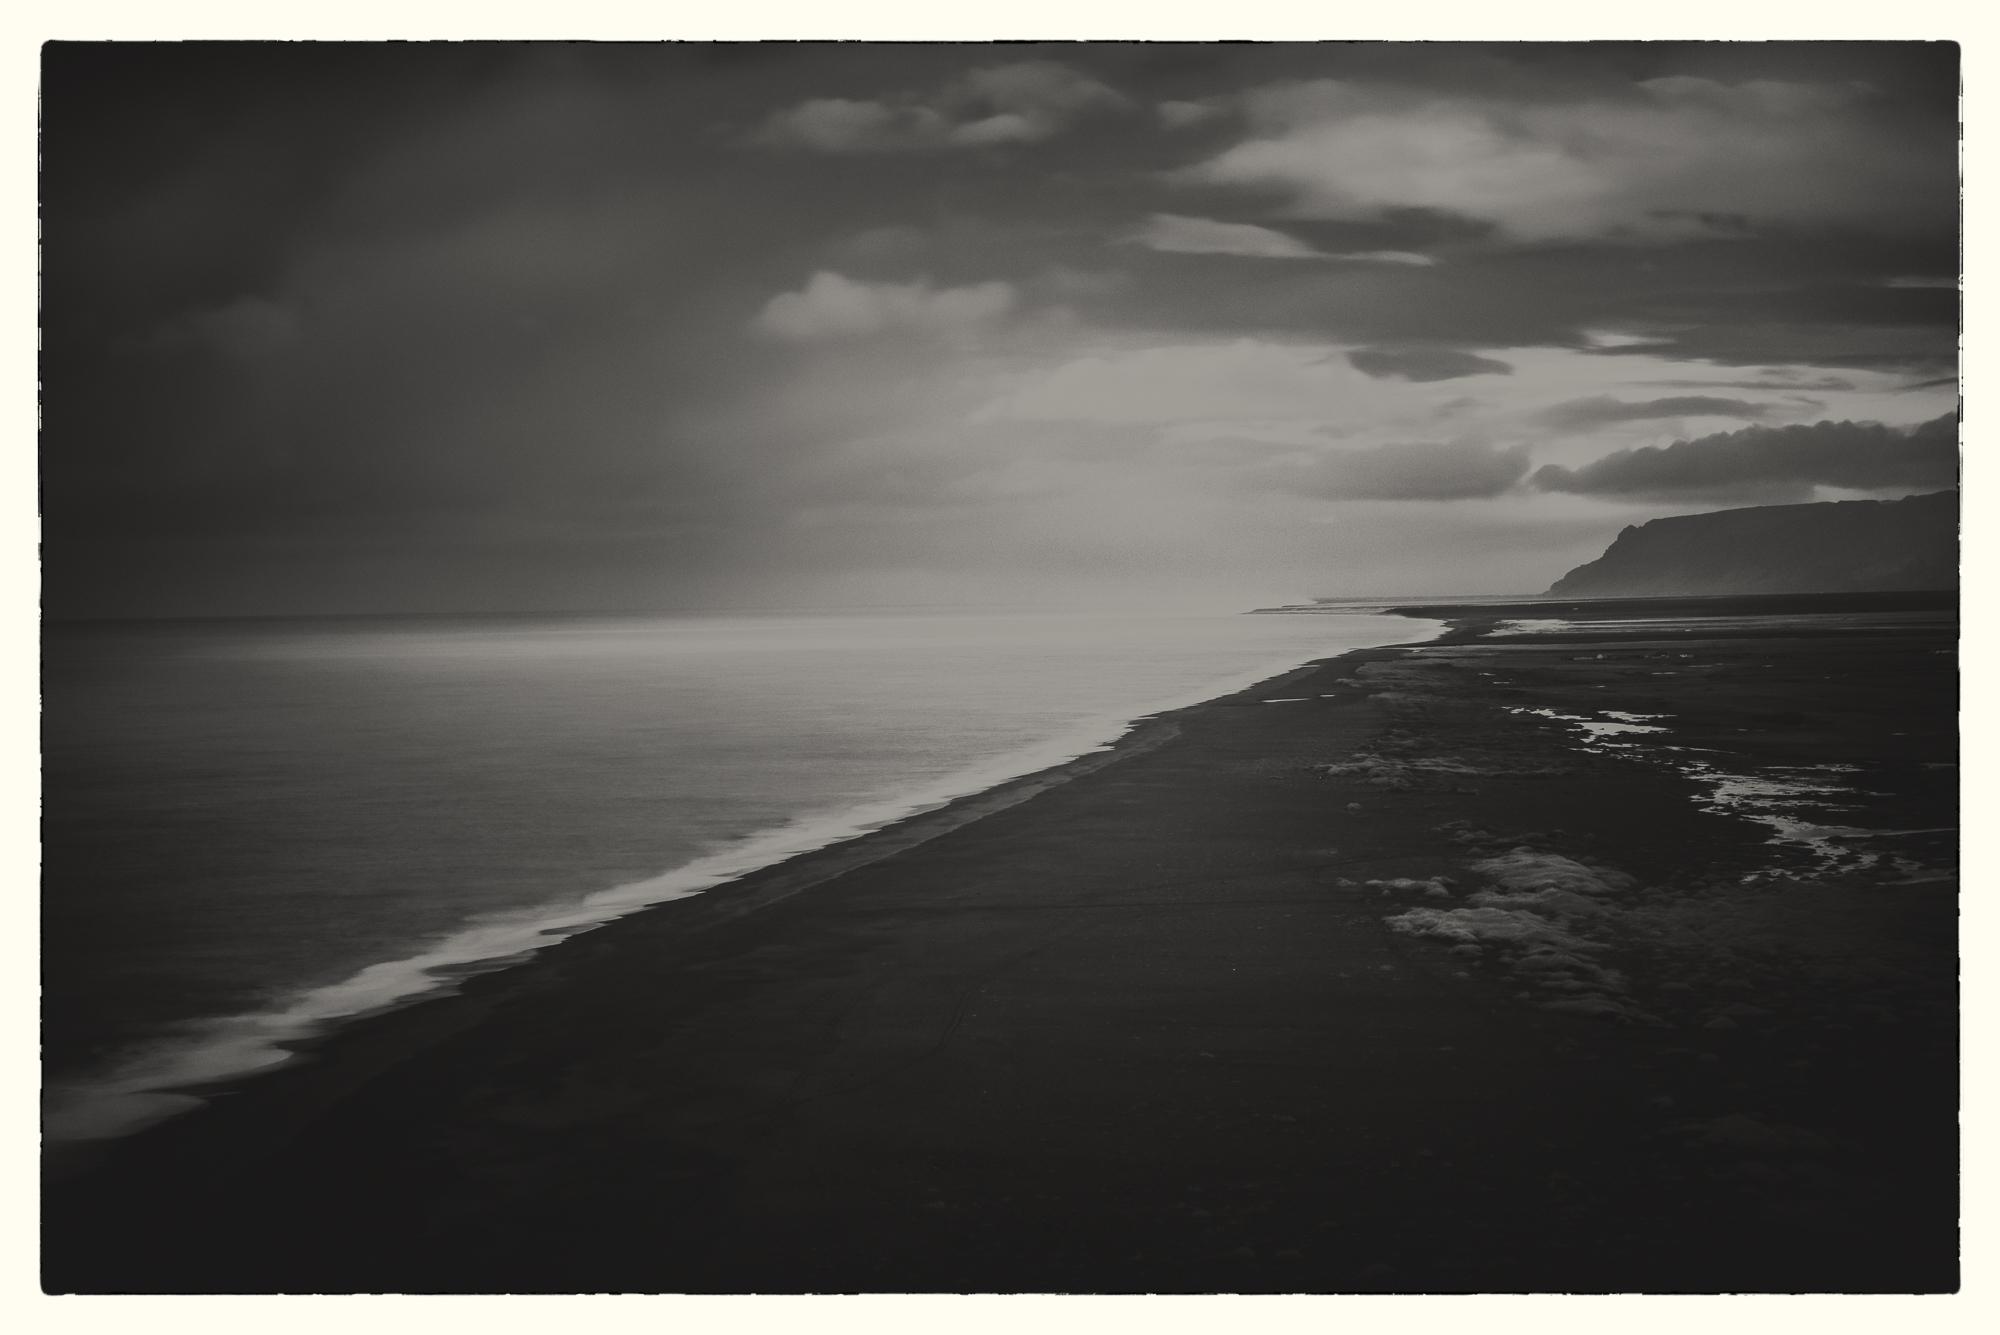 Coastline, Vik, Iceland  ISO 100, 200mm lens, f9, 6 seconds